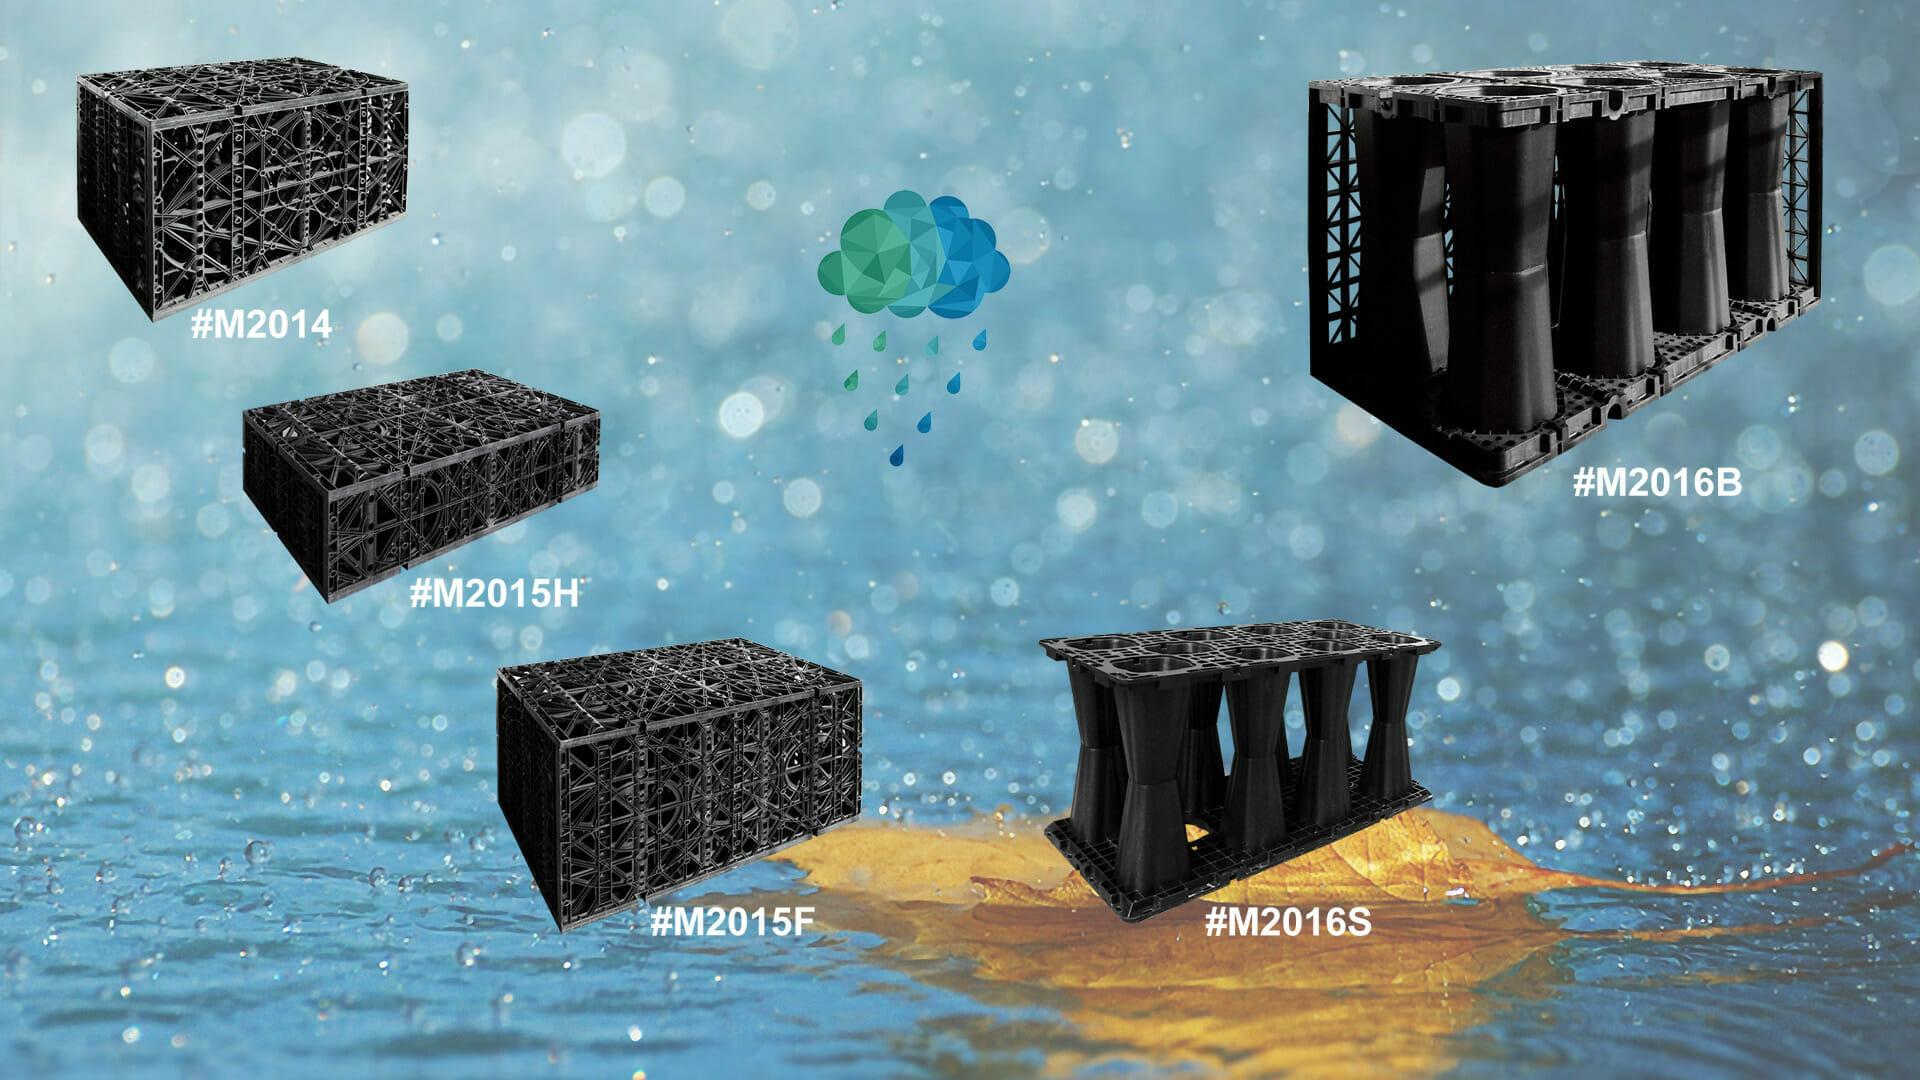 خزان المياه تحت الأرض ، خزانات مياه الأمطار المعيارية